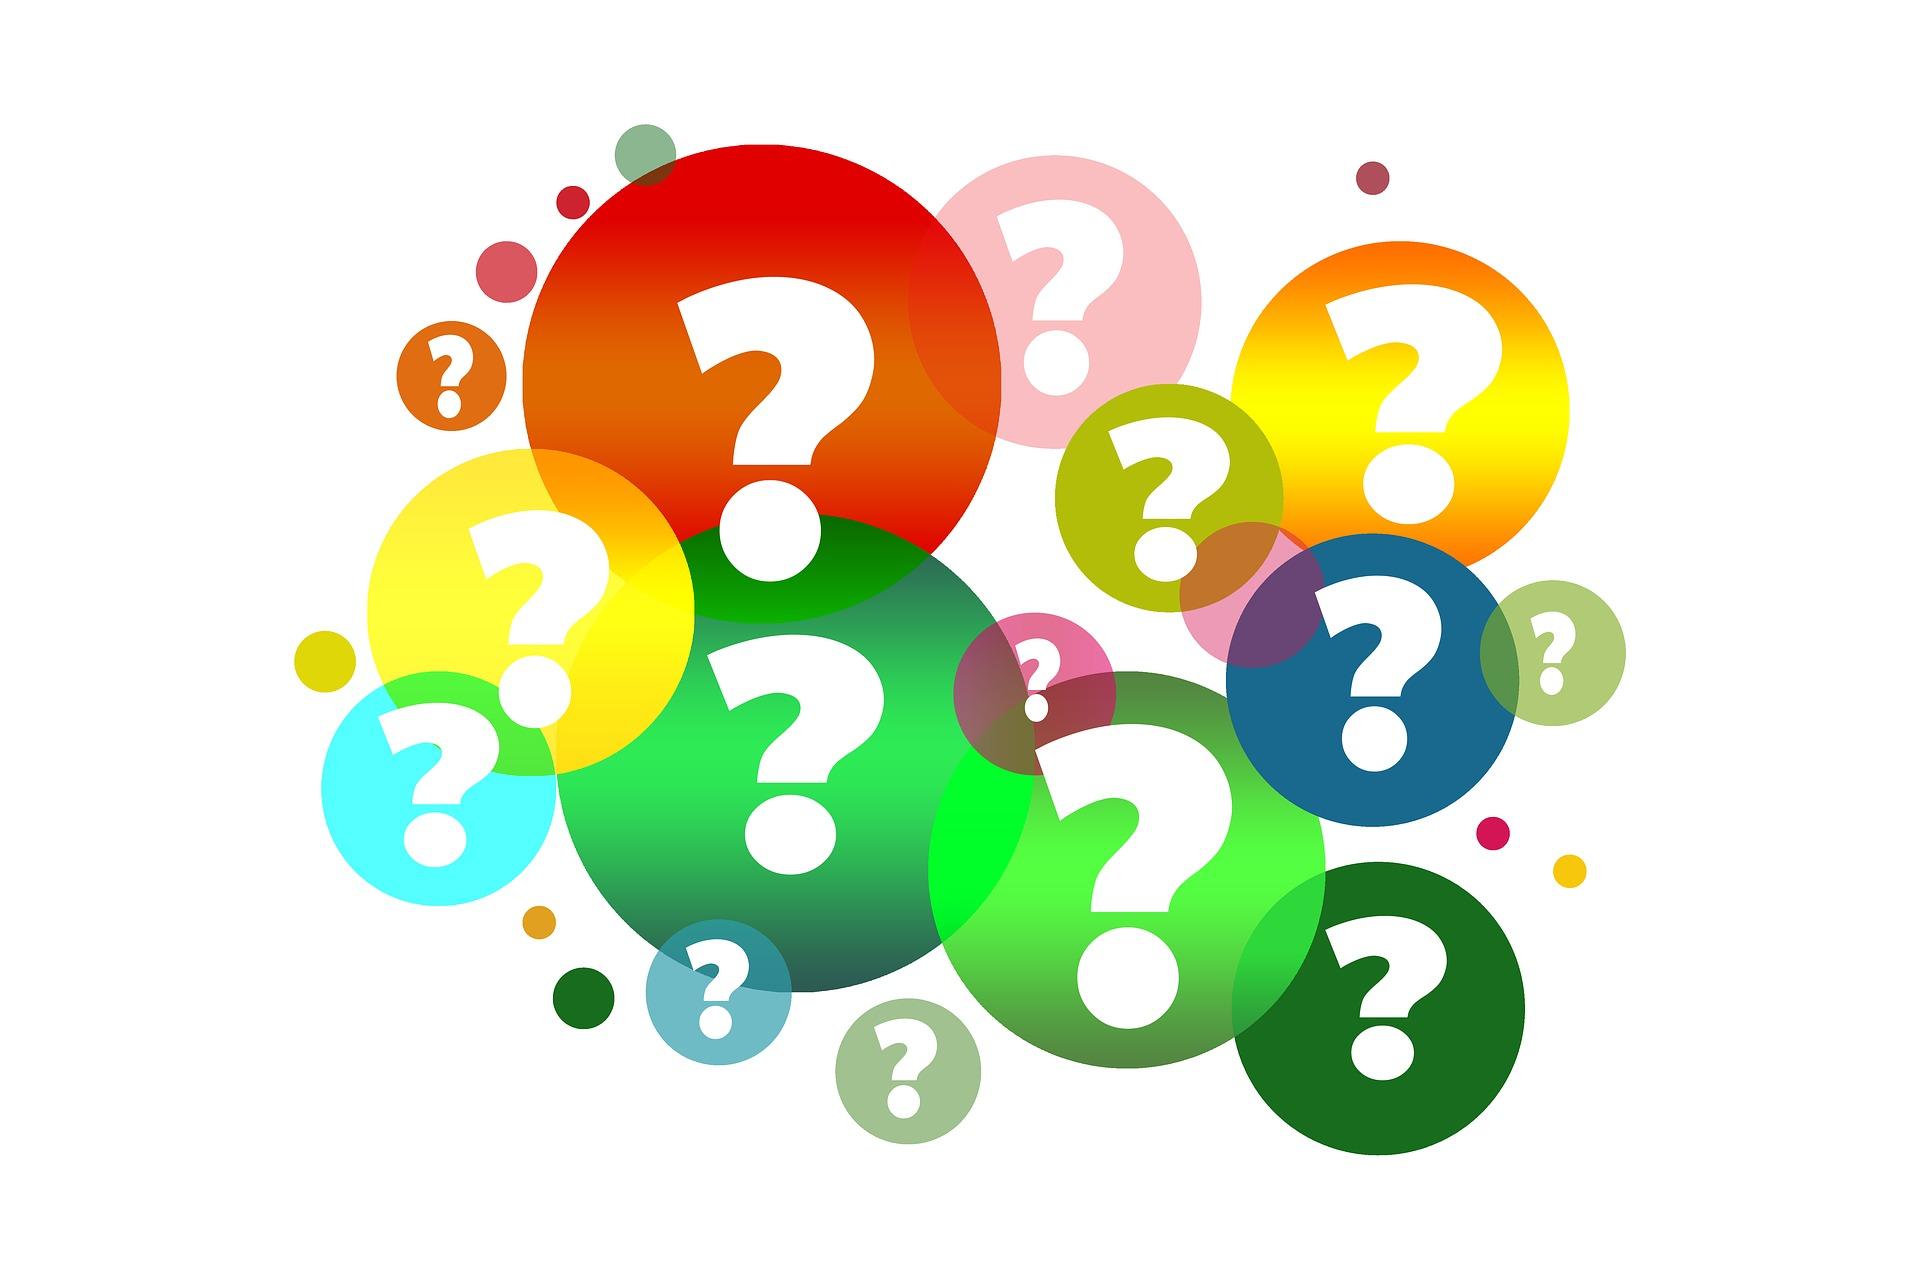 visibly media assumptions destroy questions